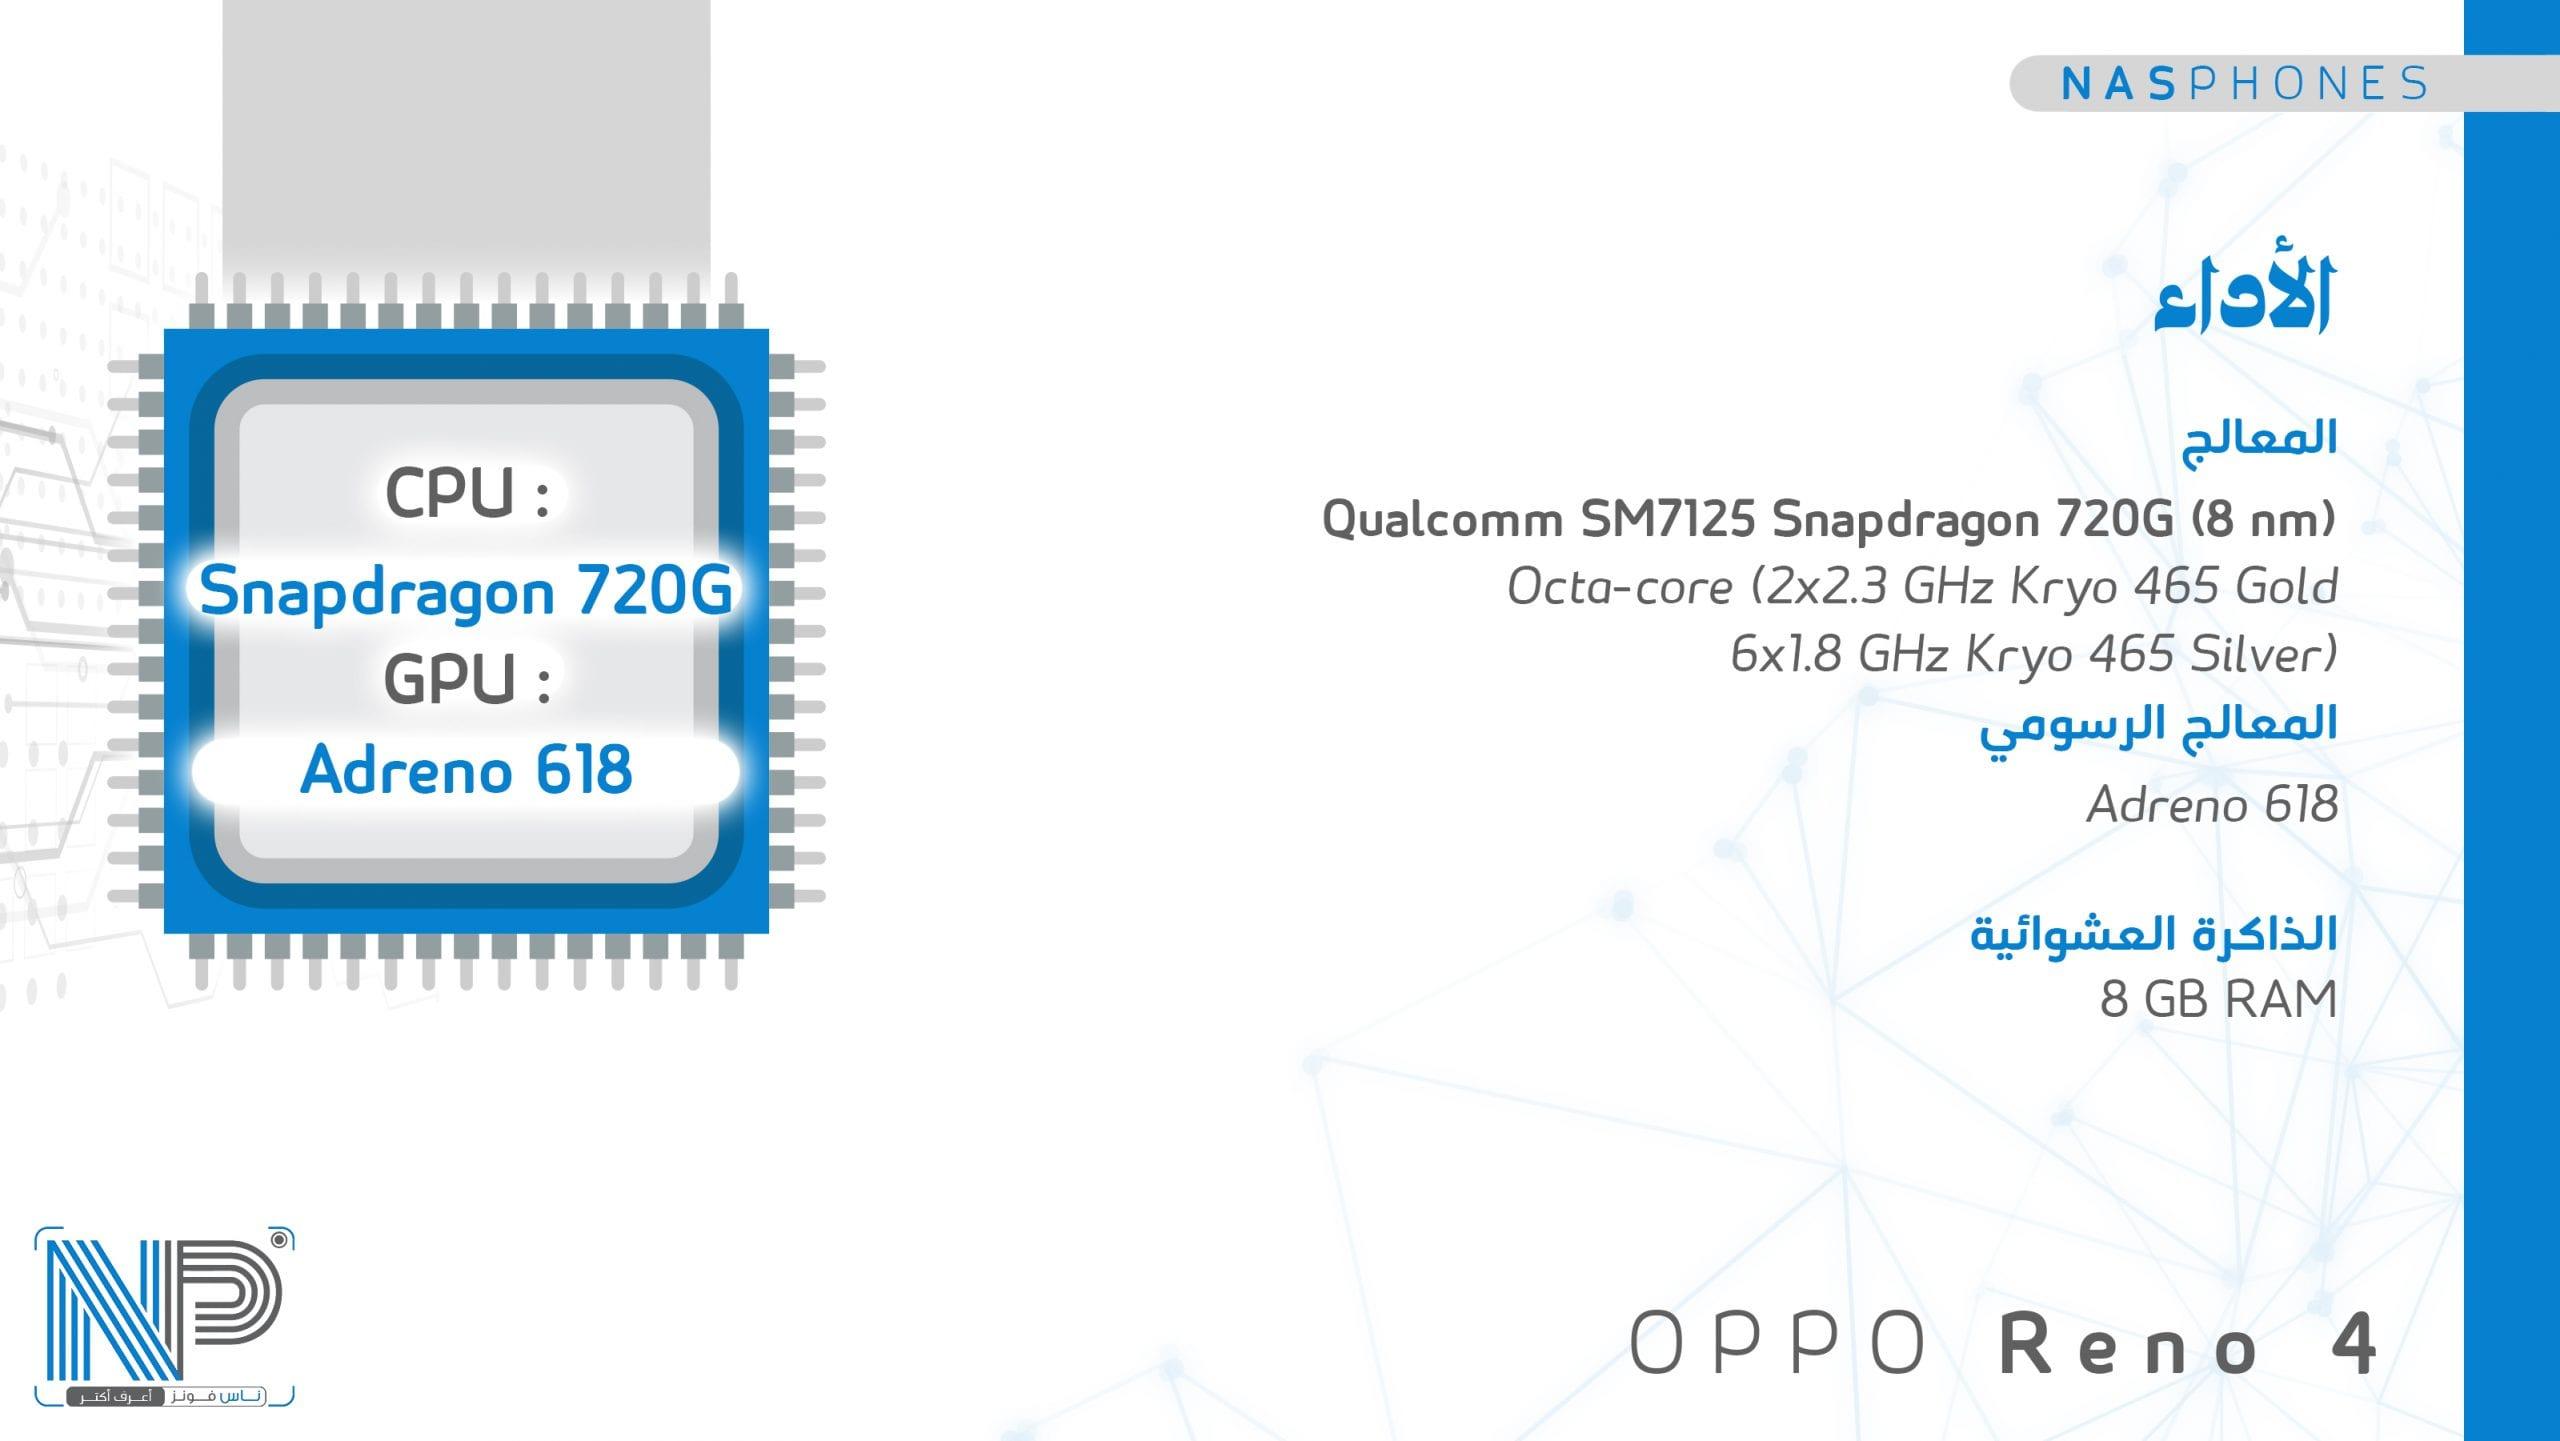 أداء موبايل Oppo reno 4